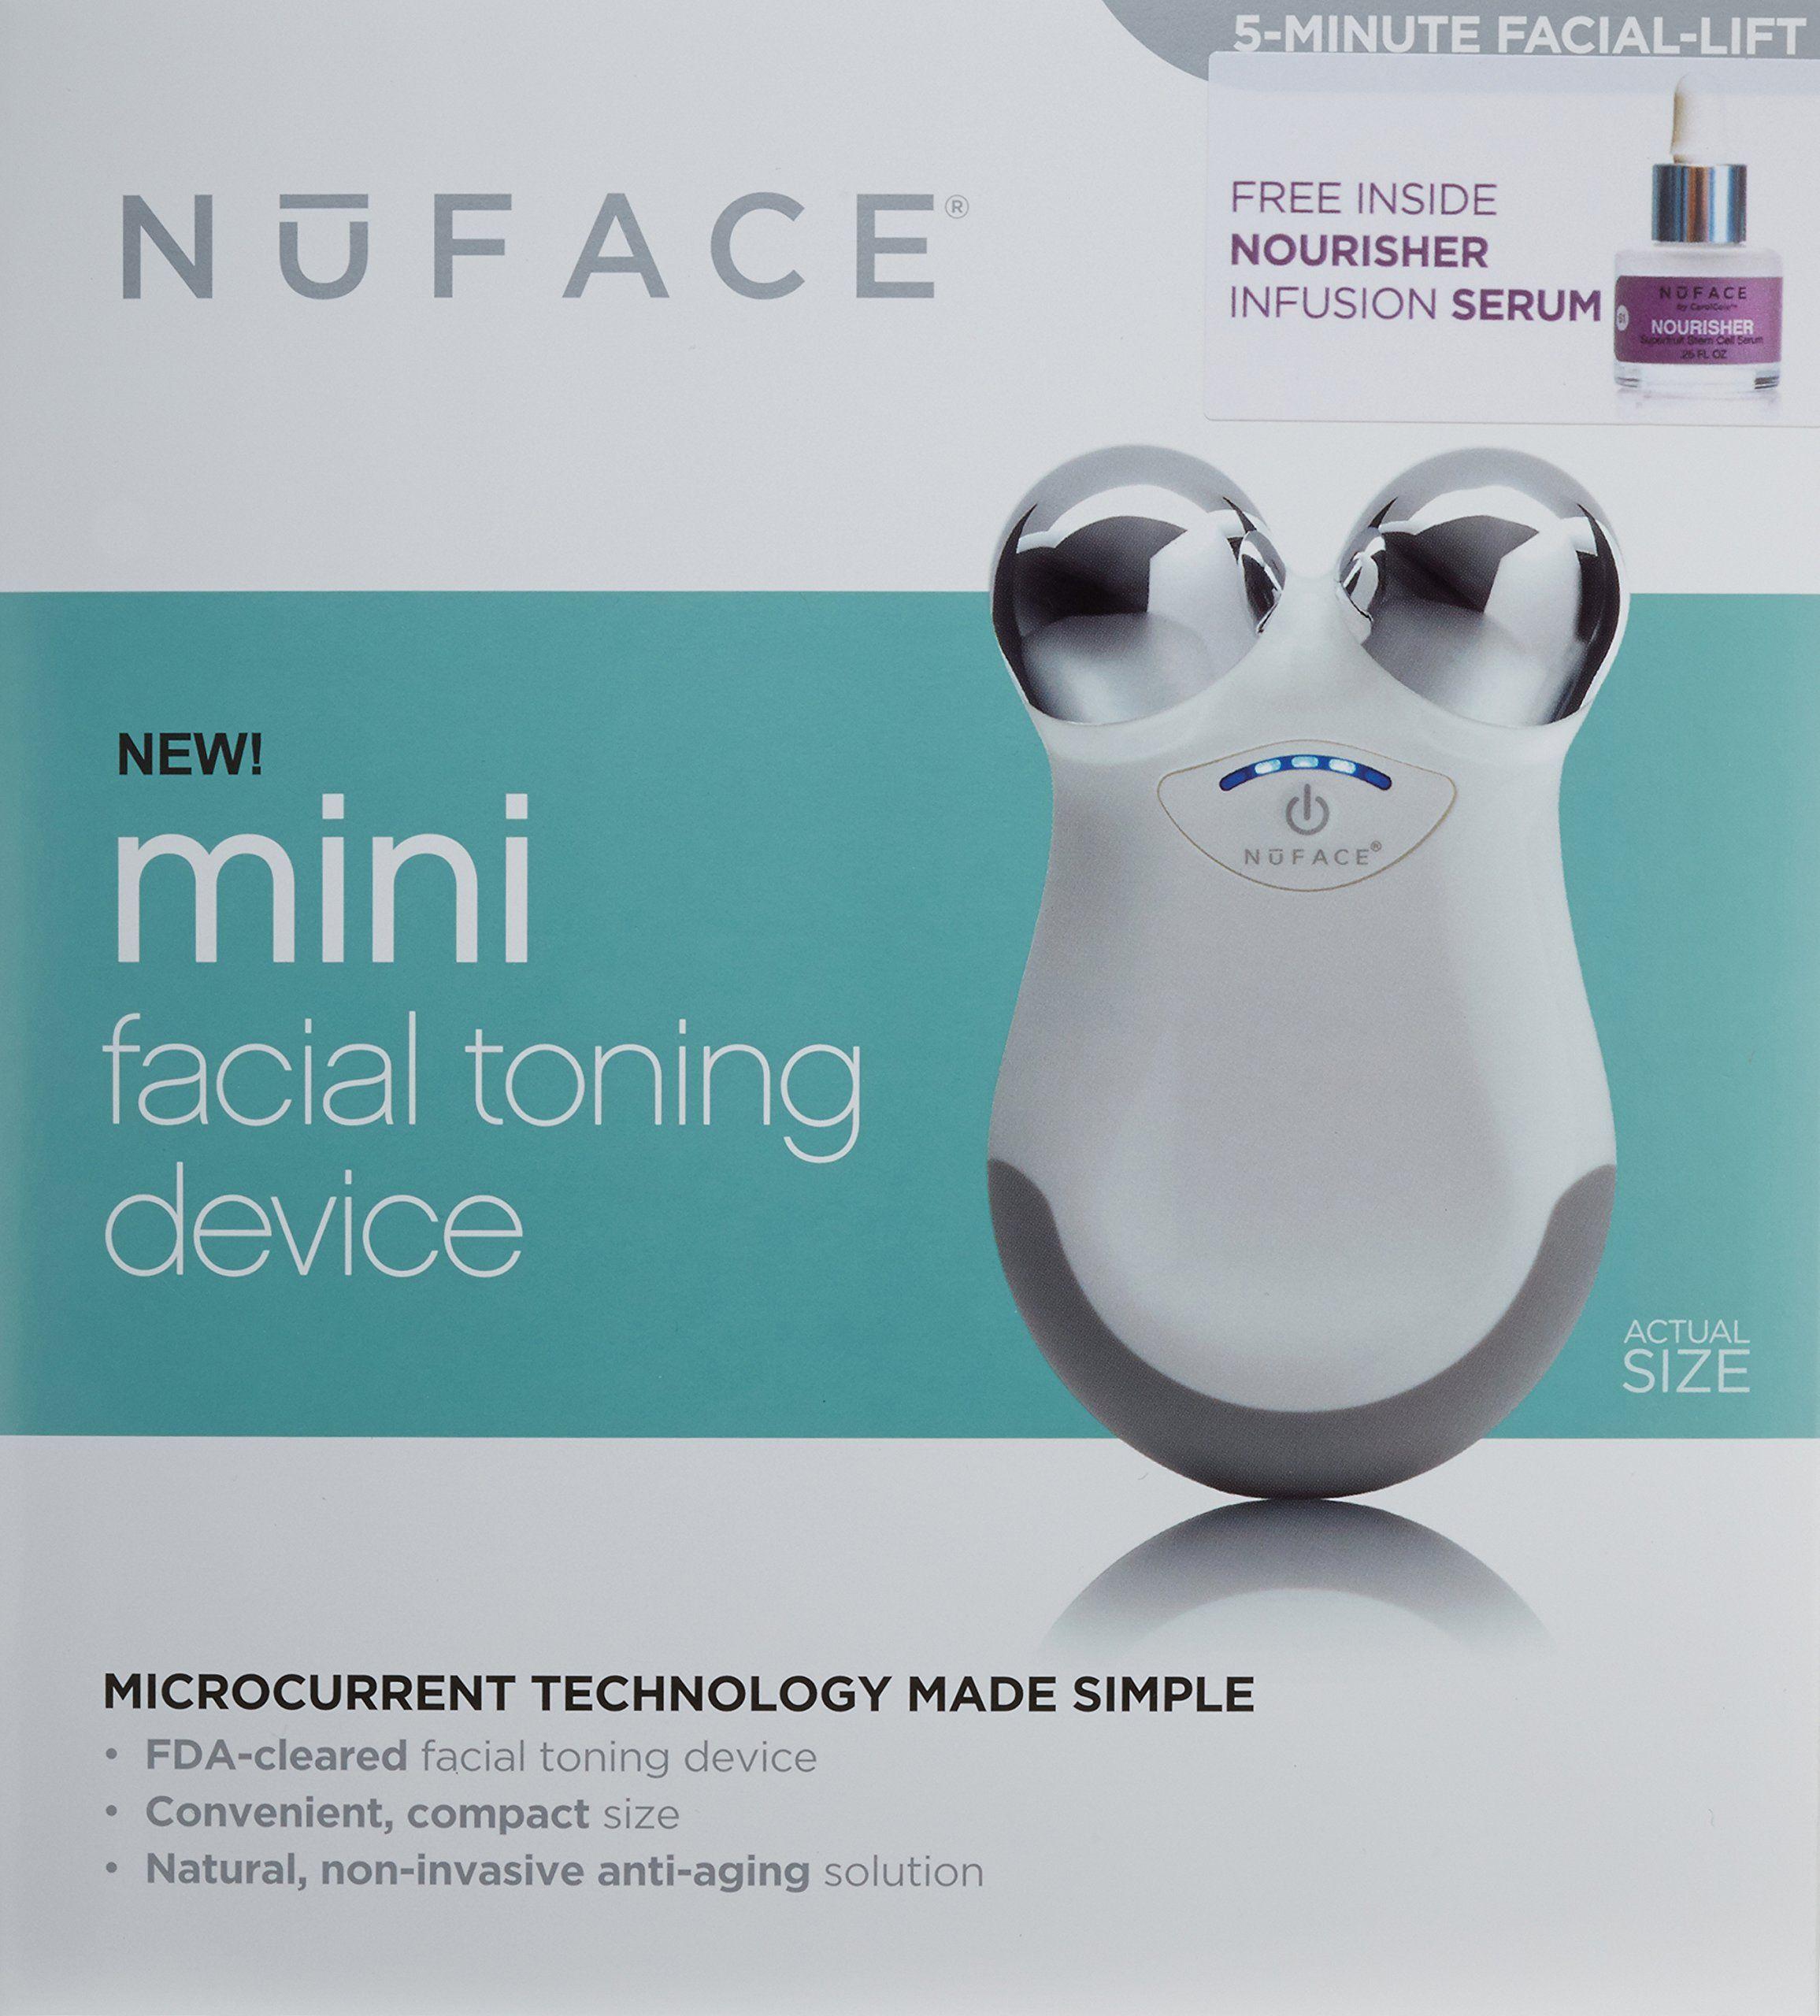 how to use nuface mini